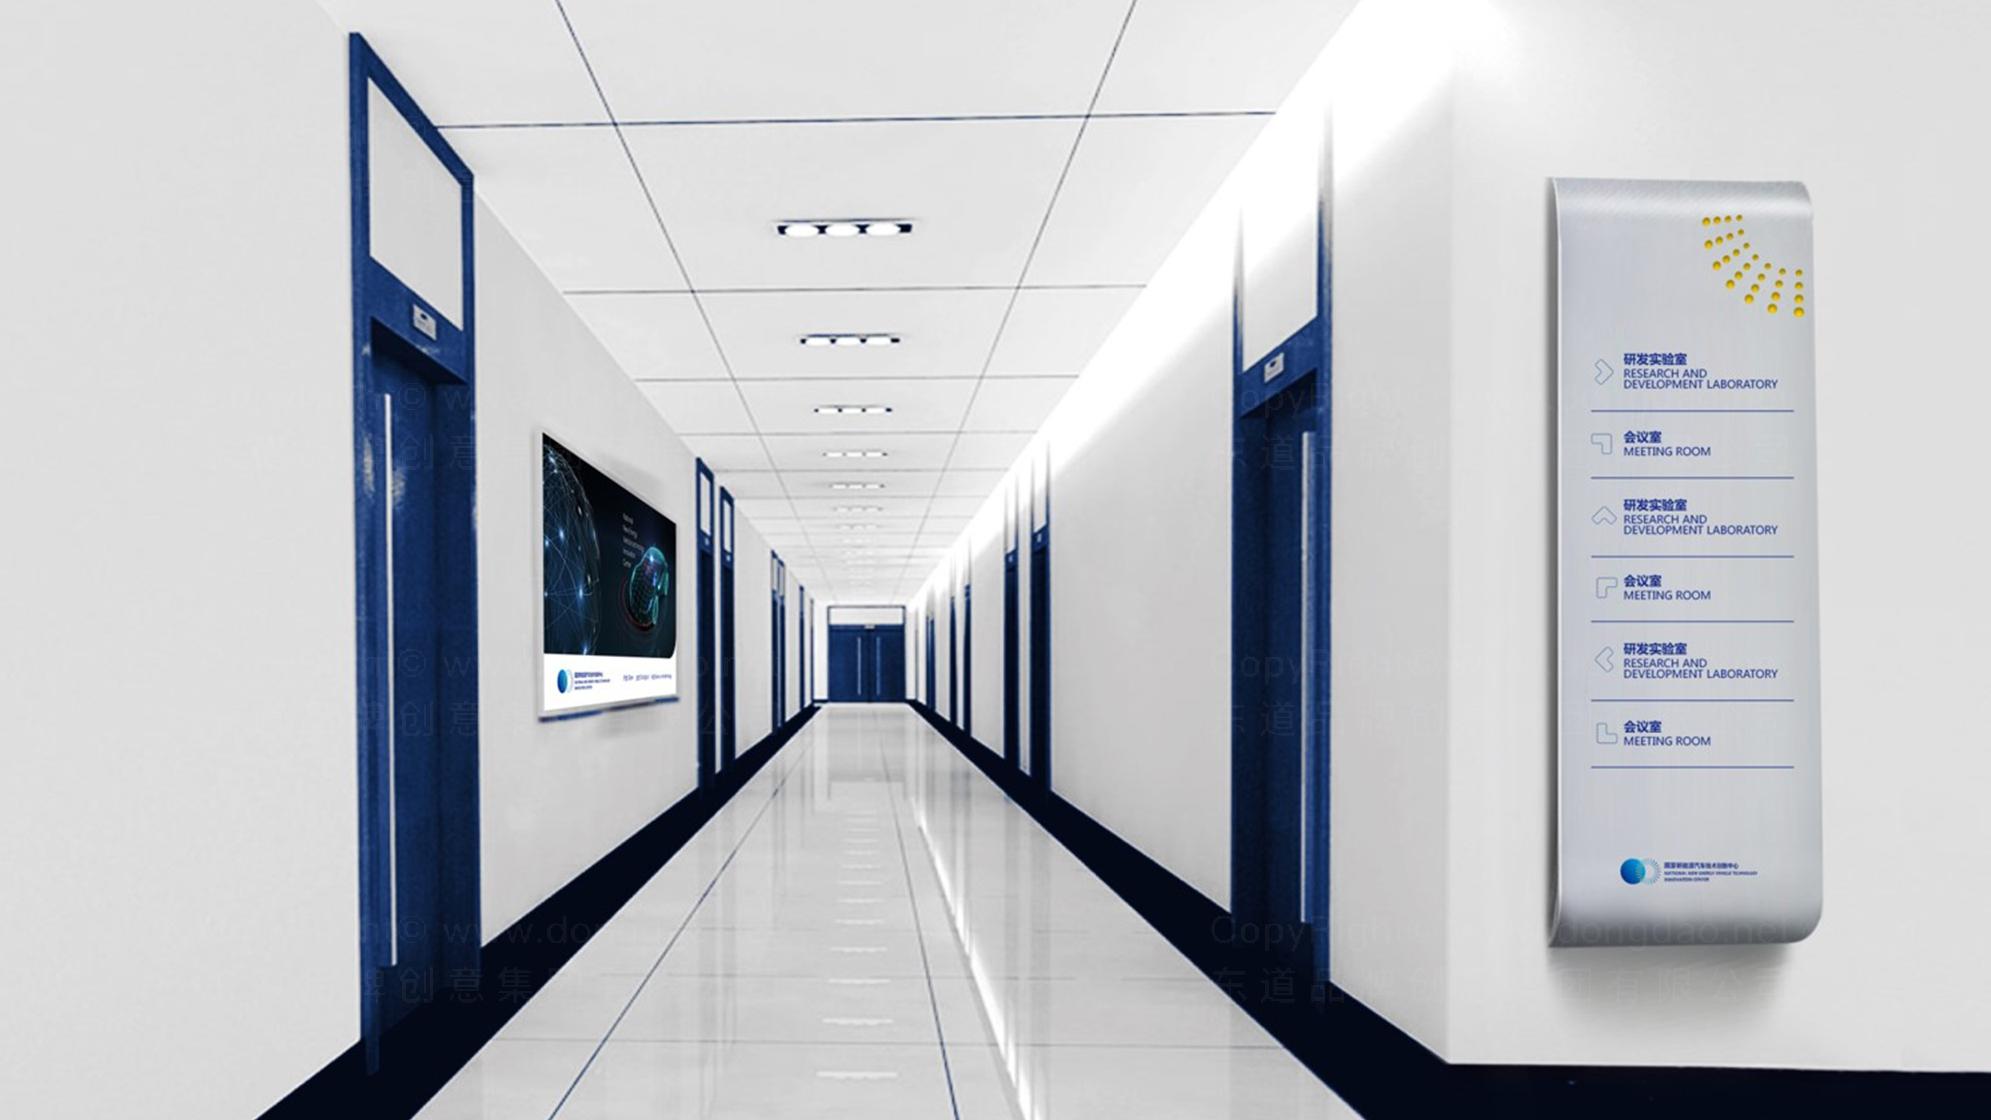 品牌设计国家新能源汽车技术创新中心标志设计应用场景_5